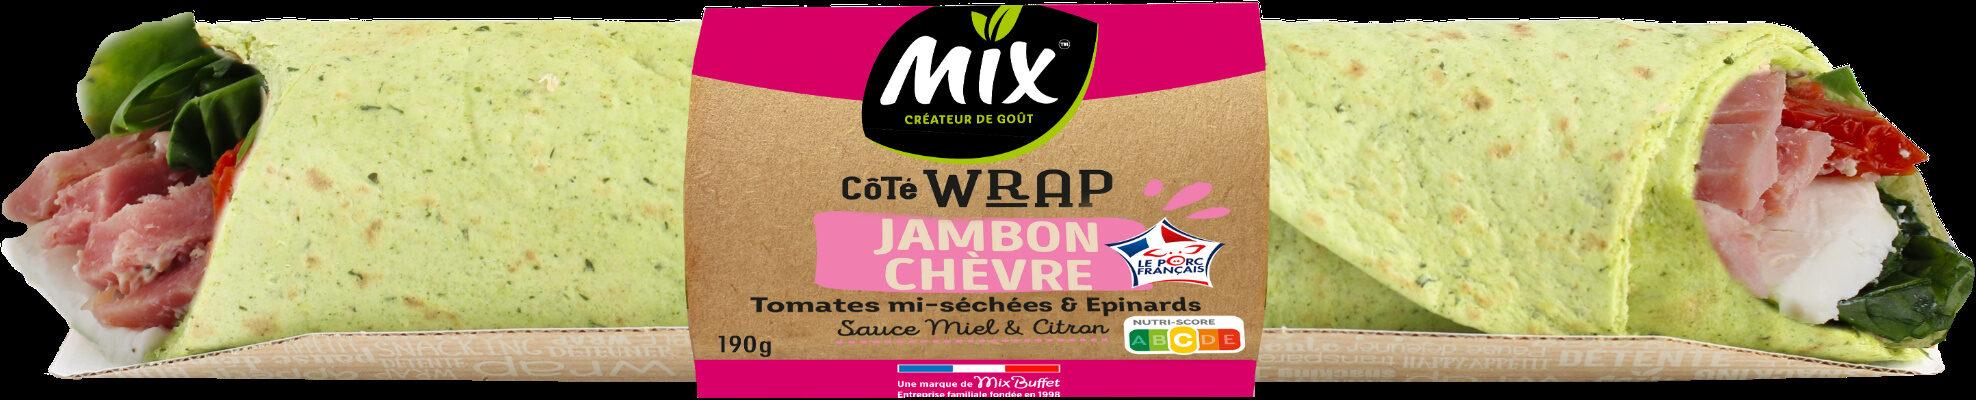 Côté Wrap jambon-chèvre - Produit - fr